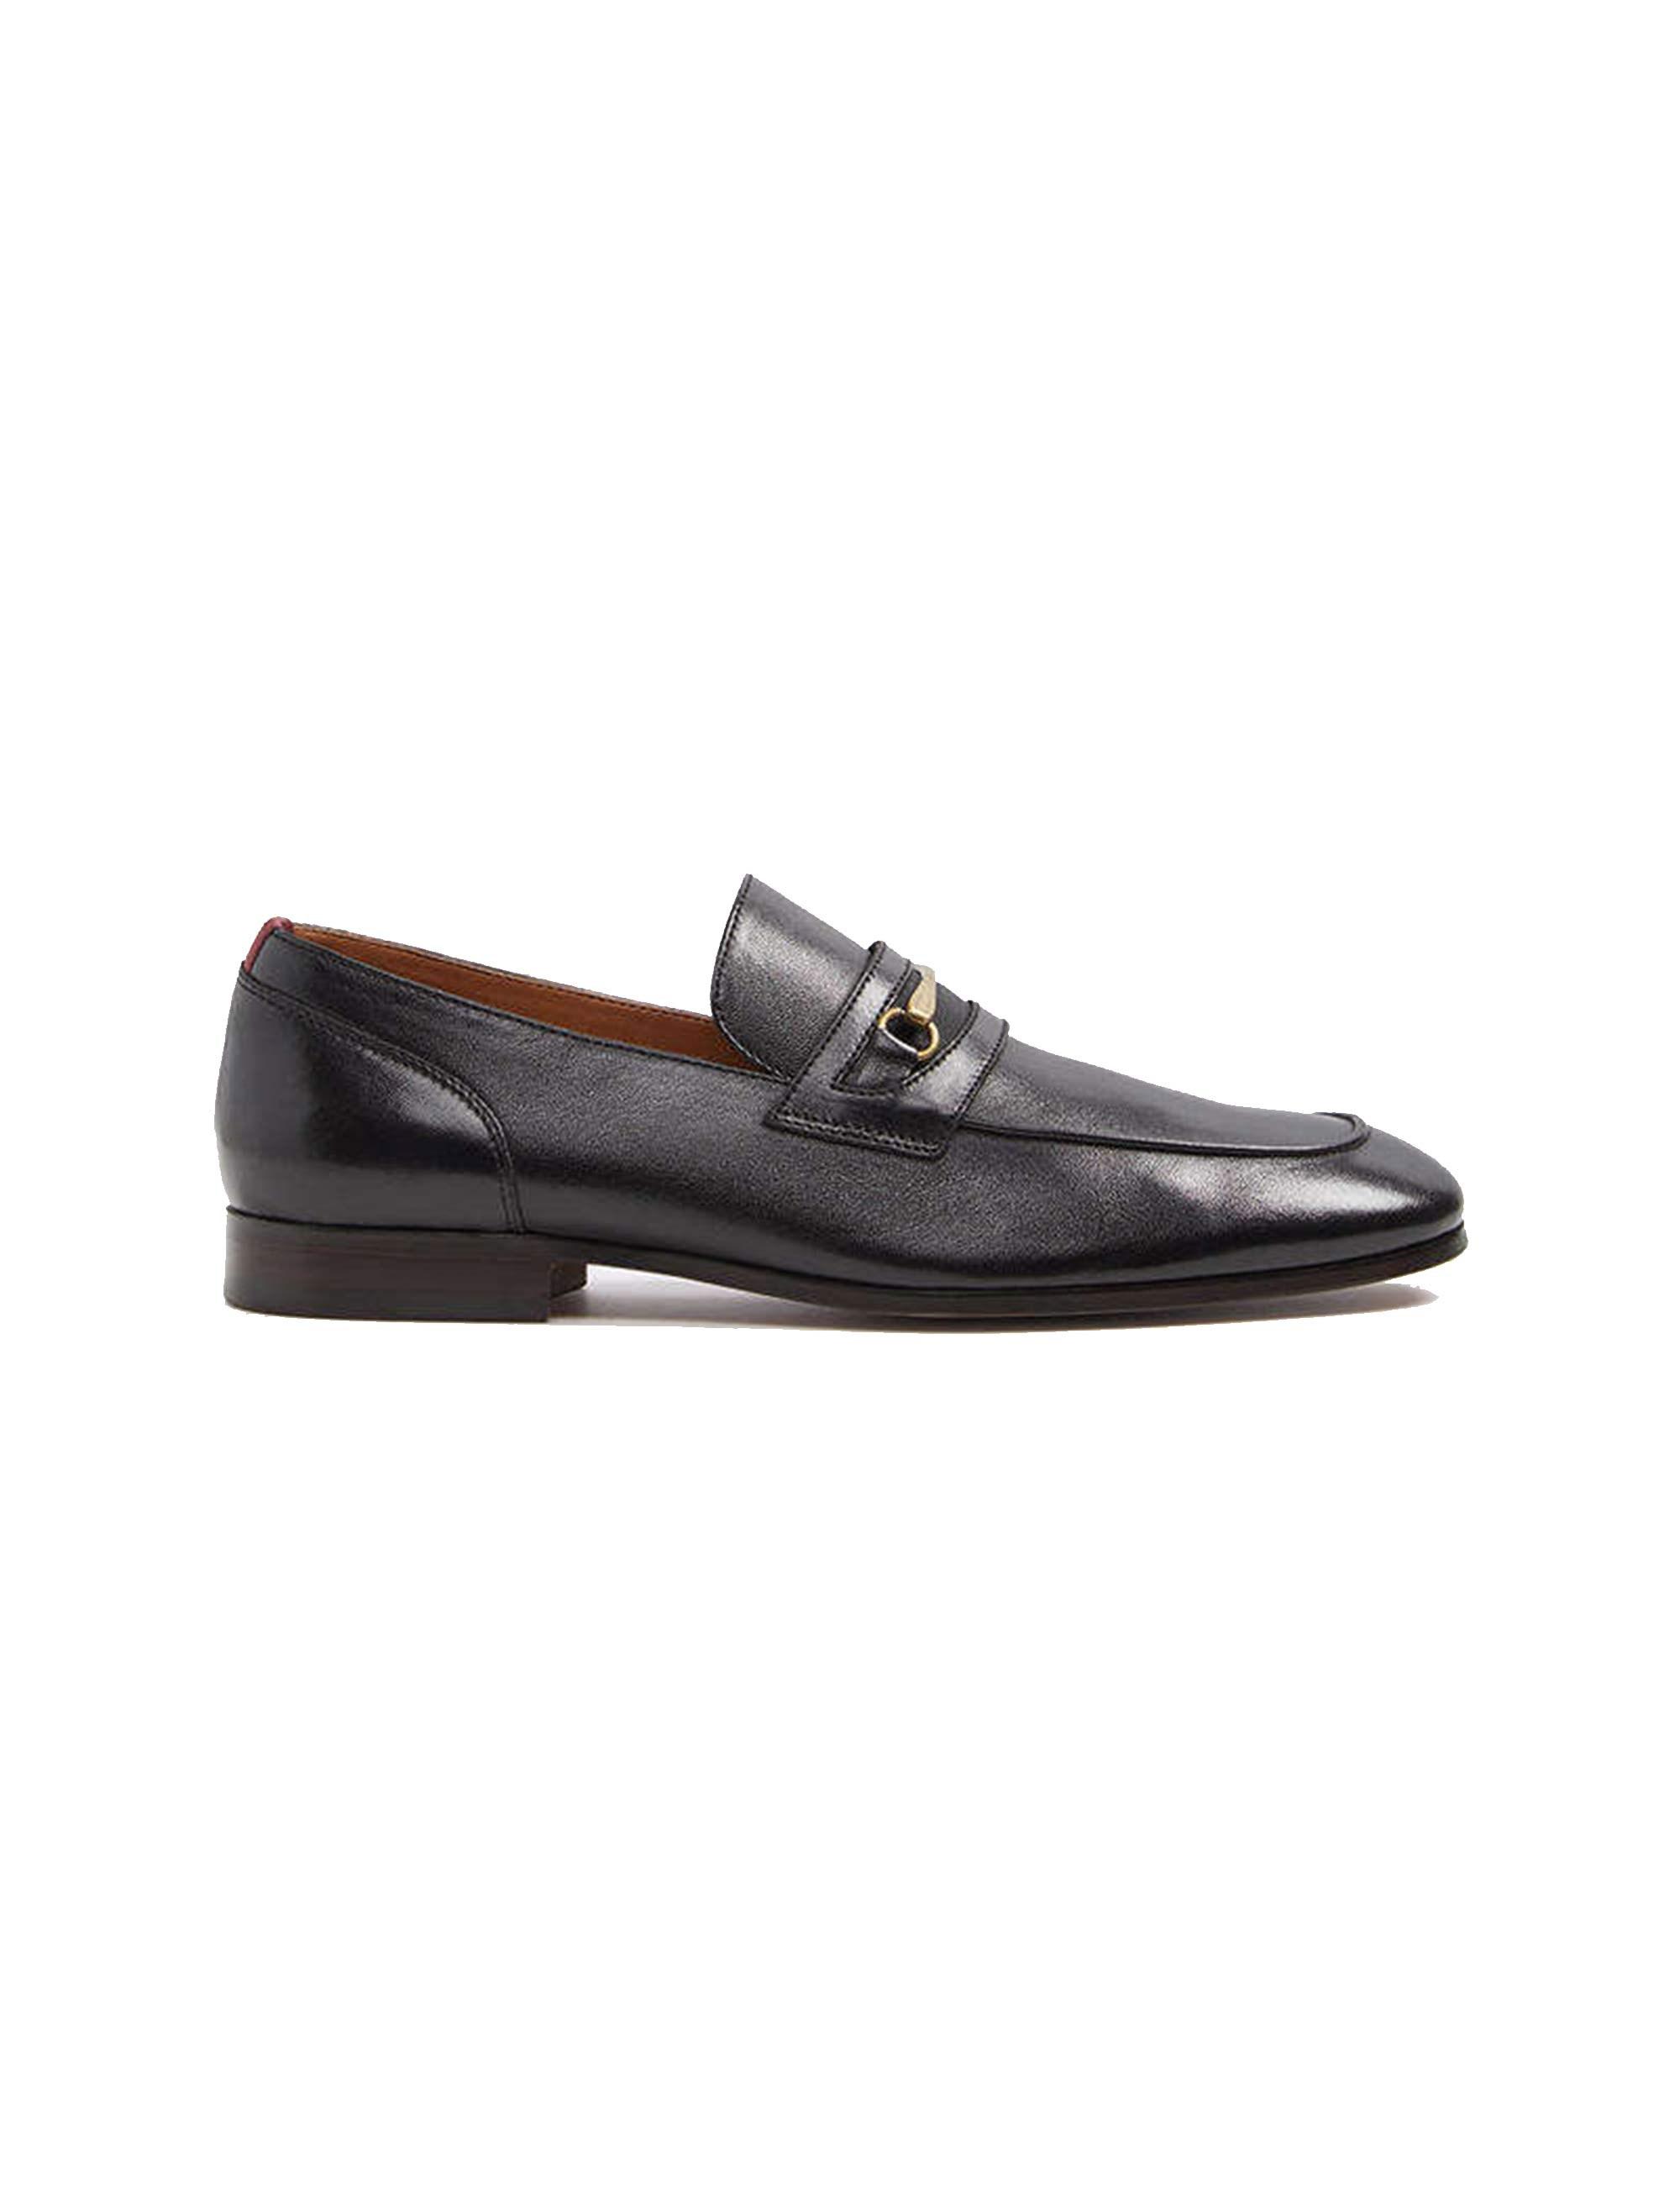 کفش اداری چرم مردانه - آلدو - مشکي - 1